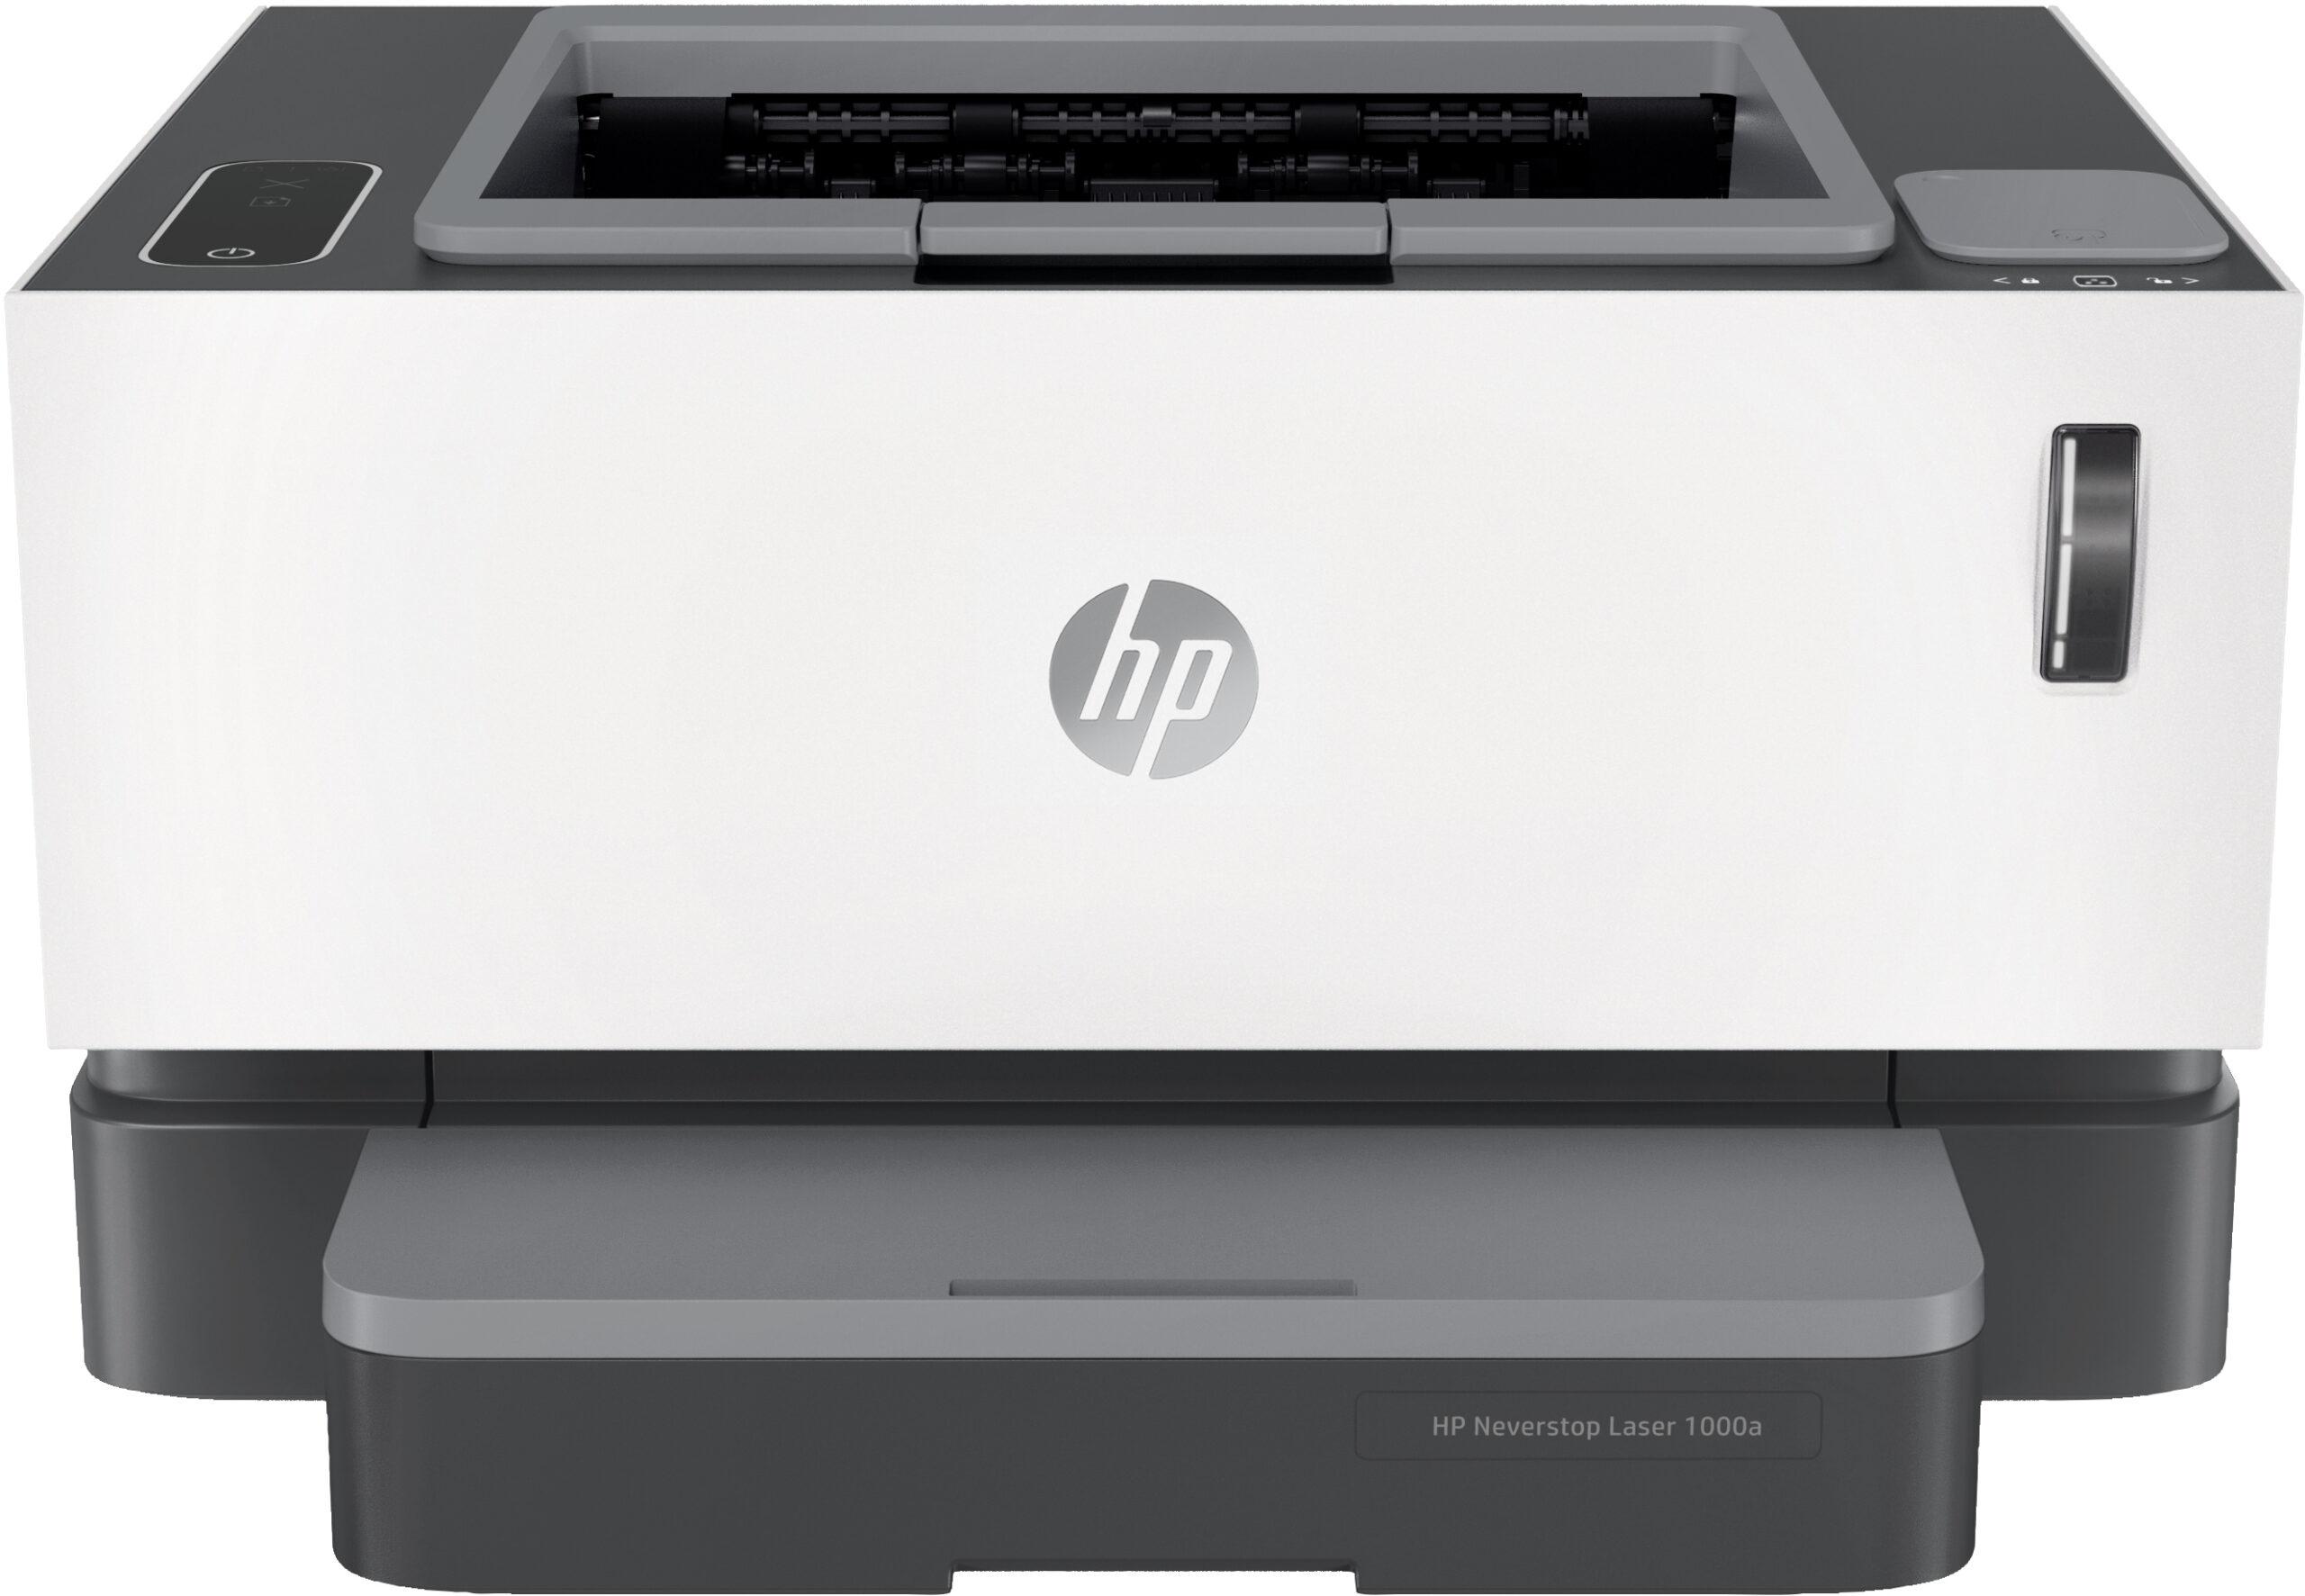 HP Laser Neverstop 1000a